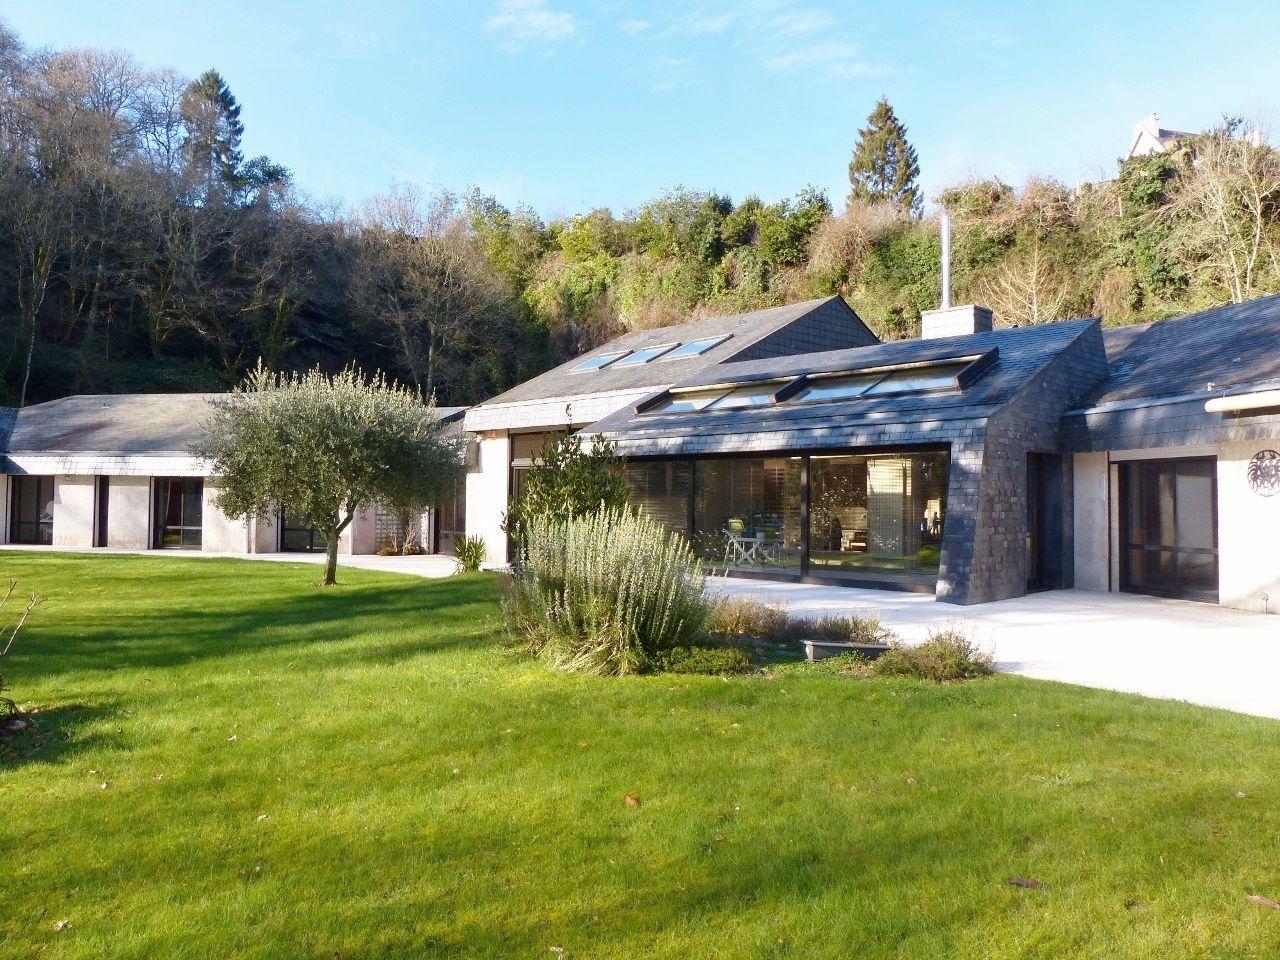 Vente Villa Contemporaine avec piscine Finistere   Villa contemporaine, Maison style, Recherche ...